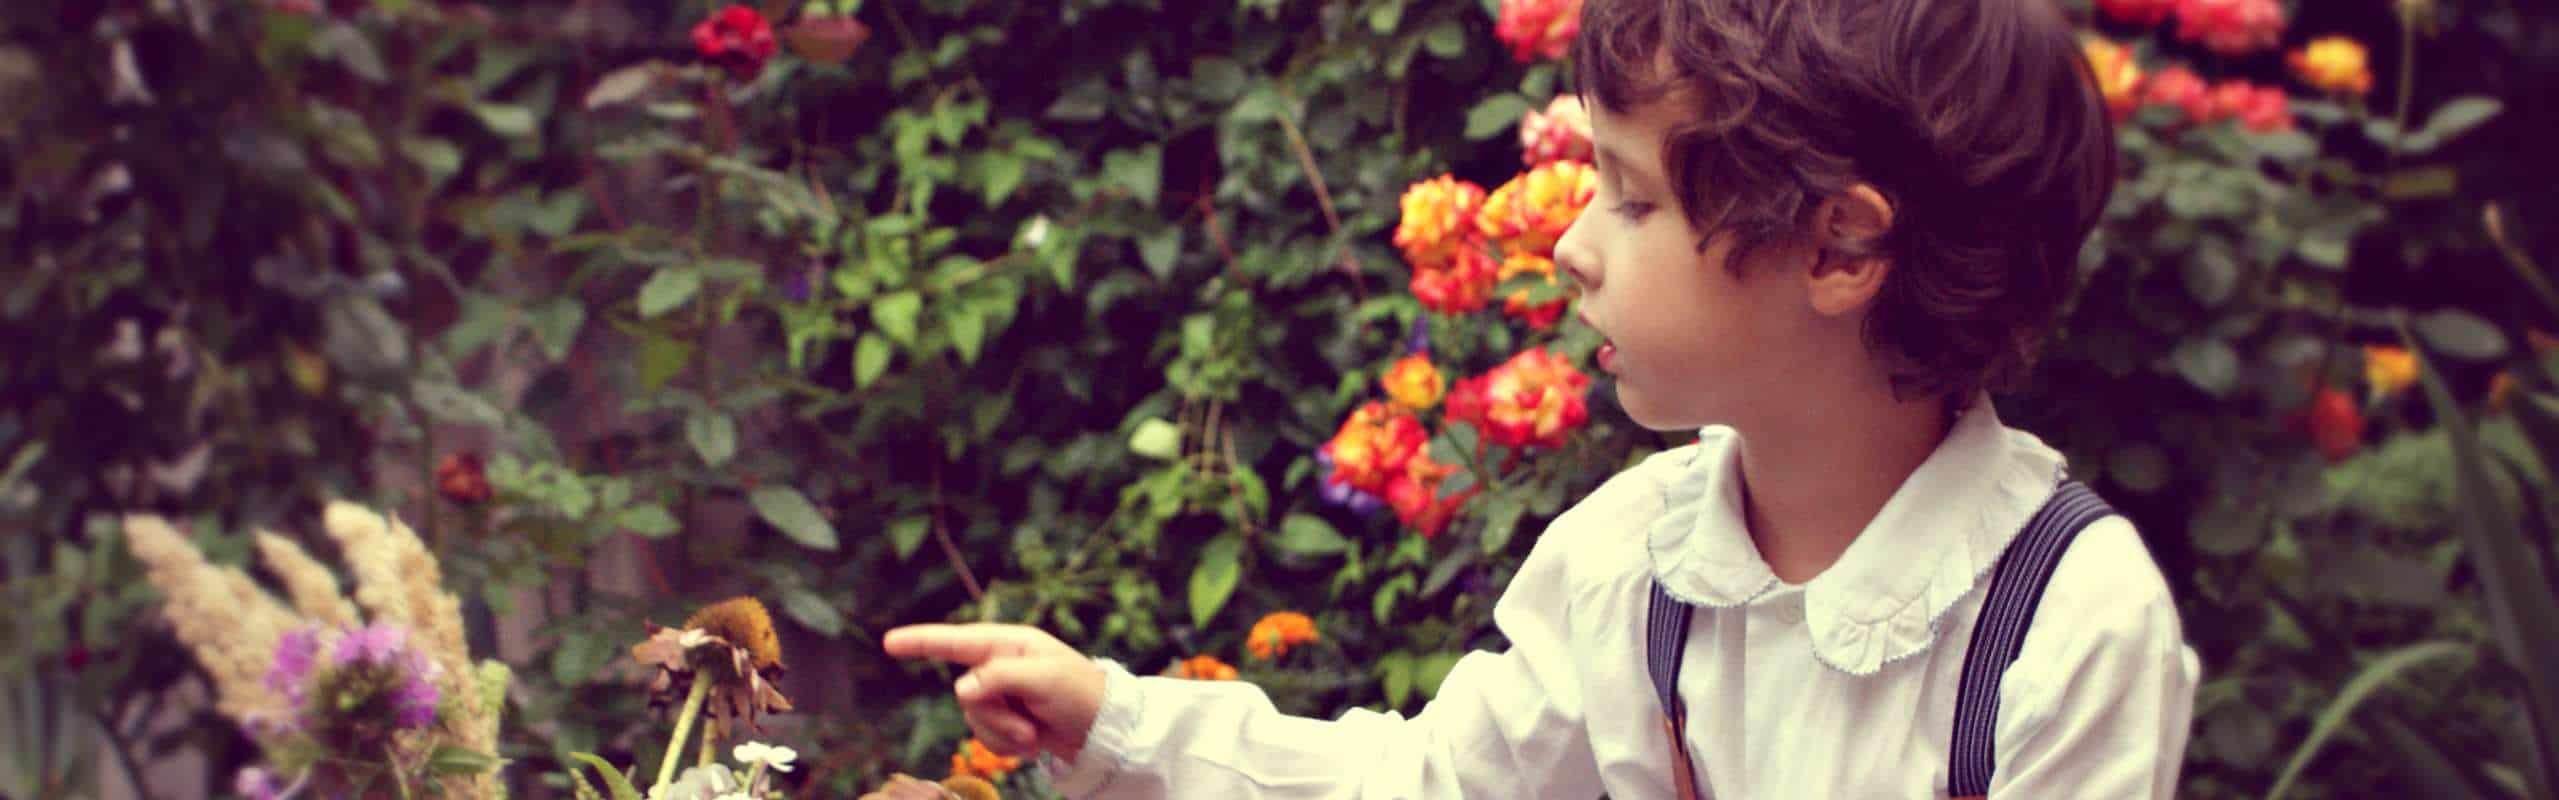 cómo incentivar la curiosidad en los niños